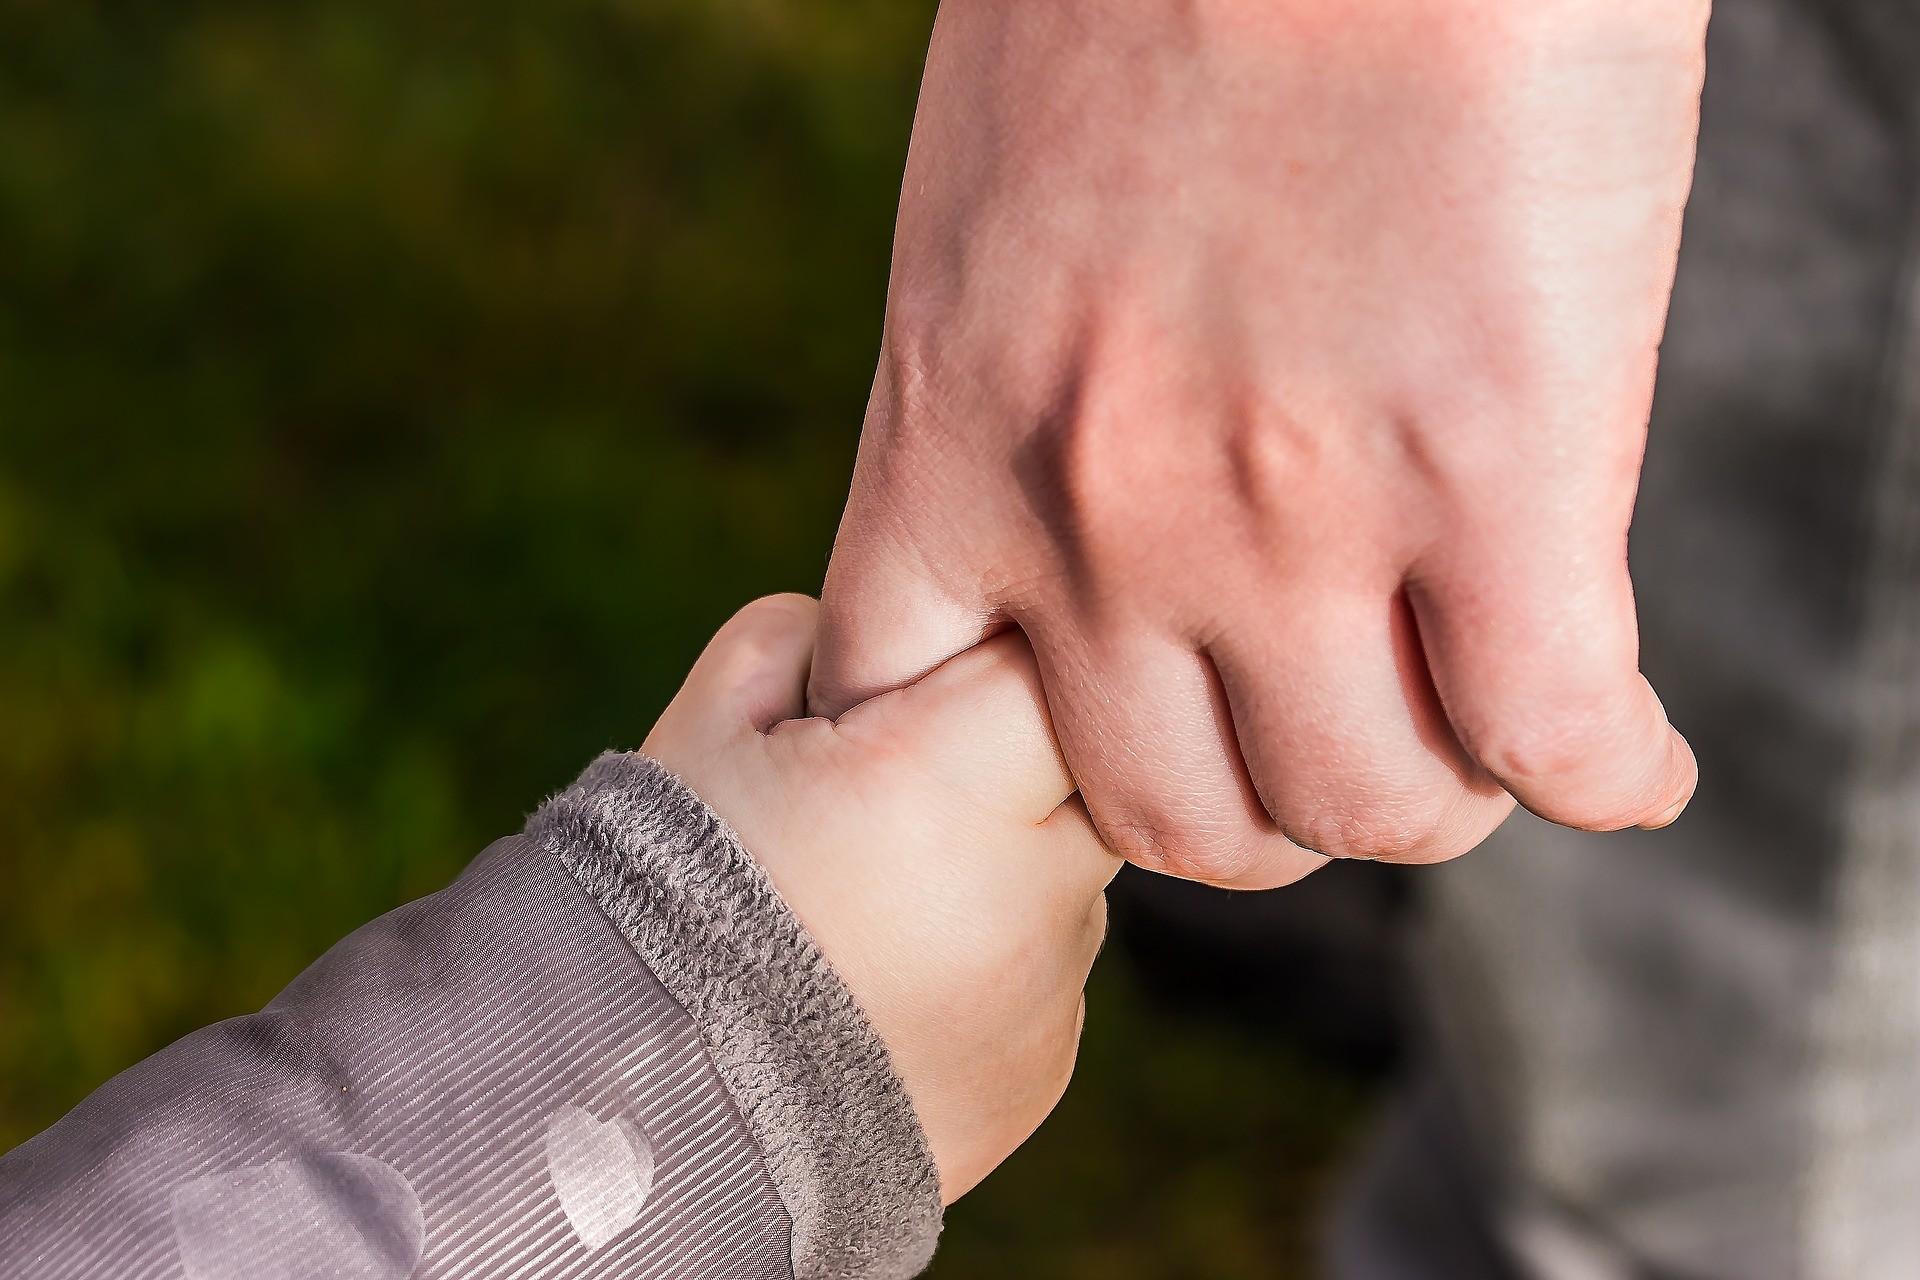 Refus de visa pour enfant mineur: qui peut agir?